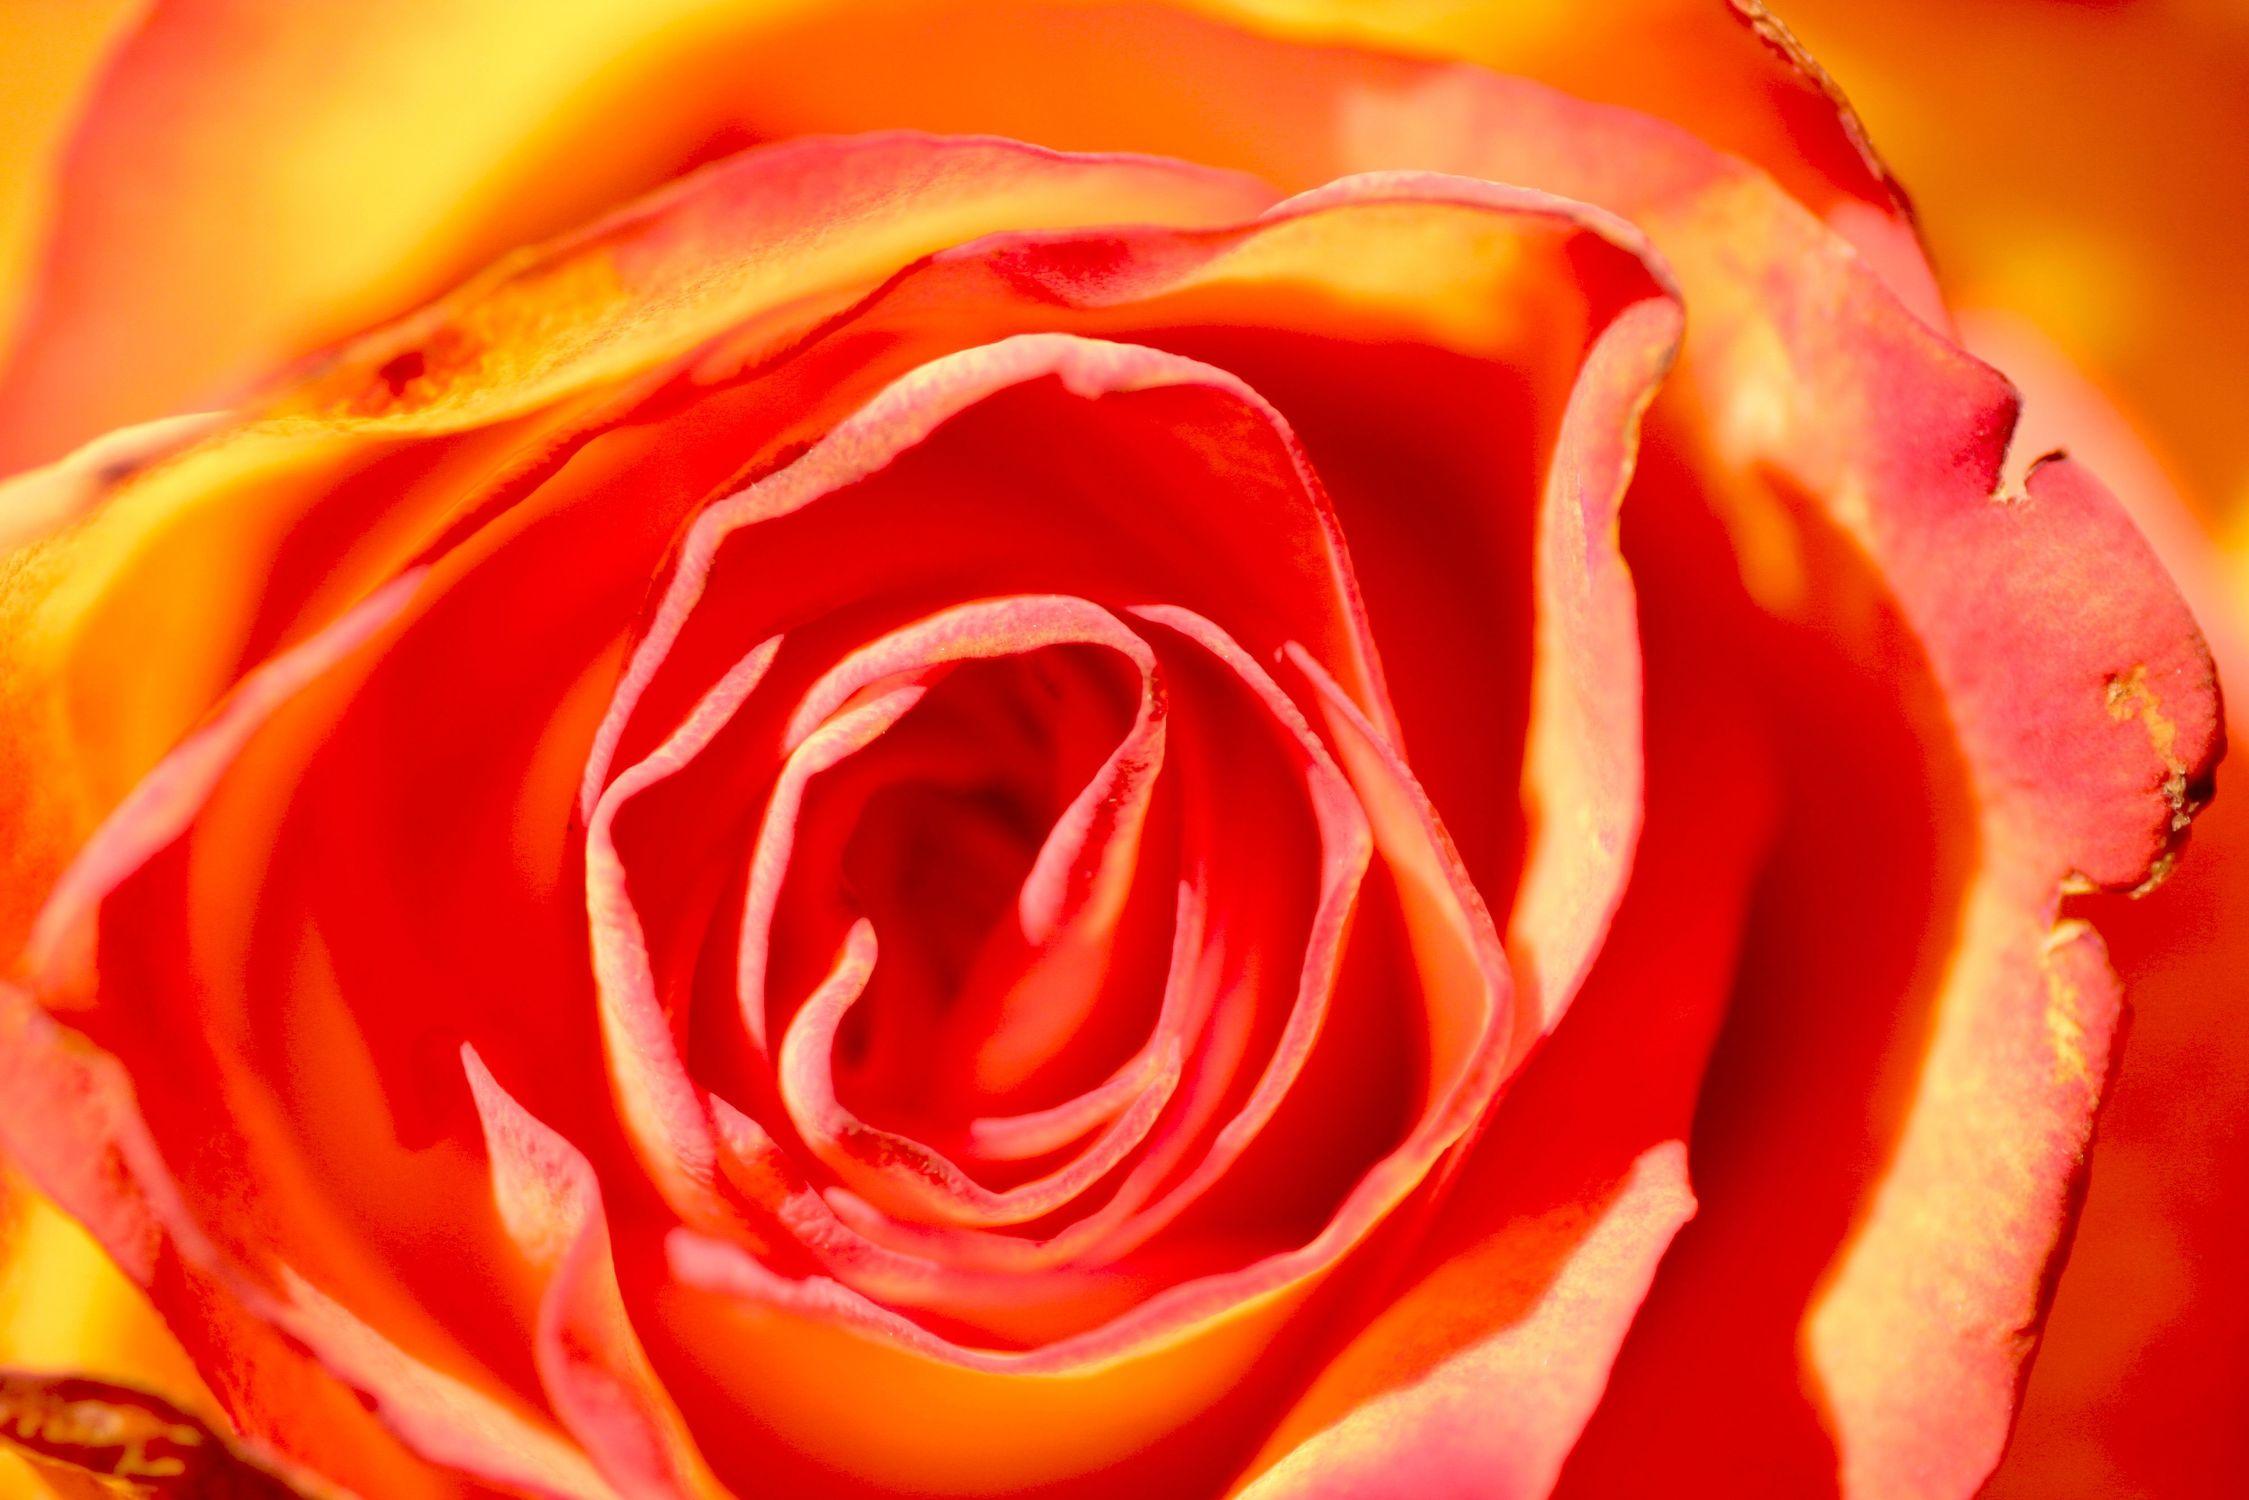 Bild mit Pflanzen, Blumen, Rosen, Blume, Pflanze, Rose, Rosenblüte, Flower, Blüten, blüte